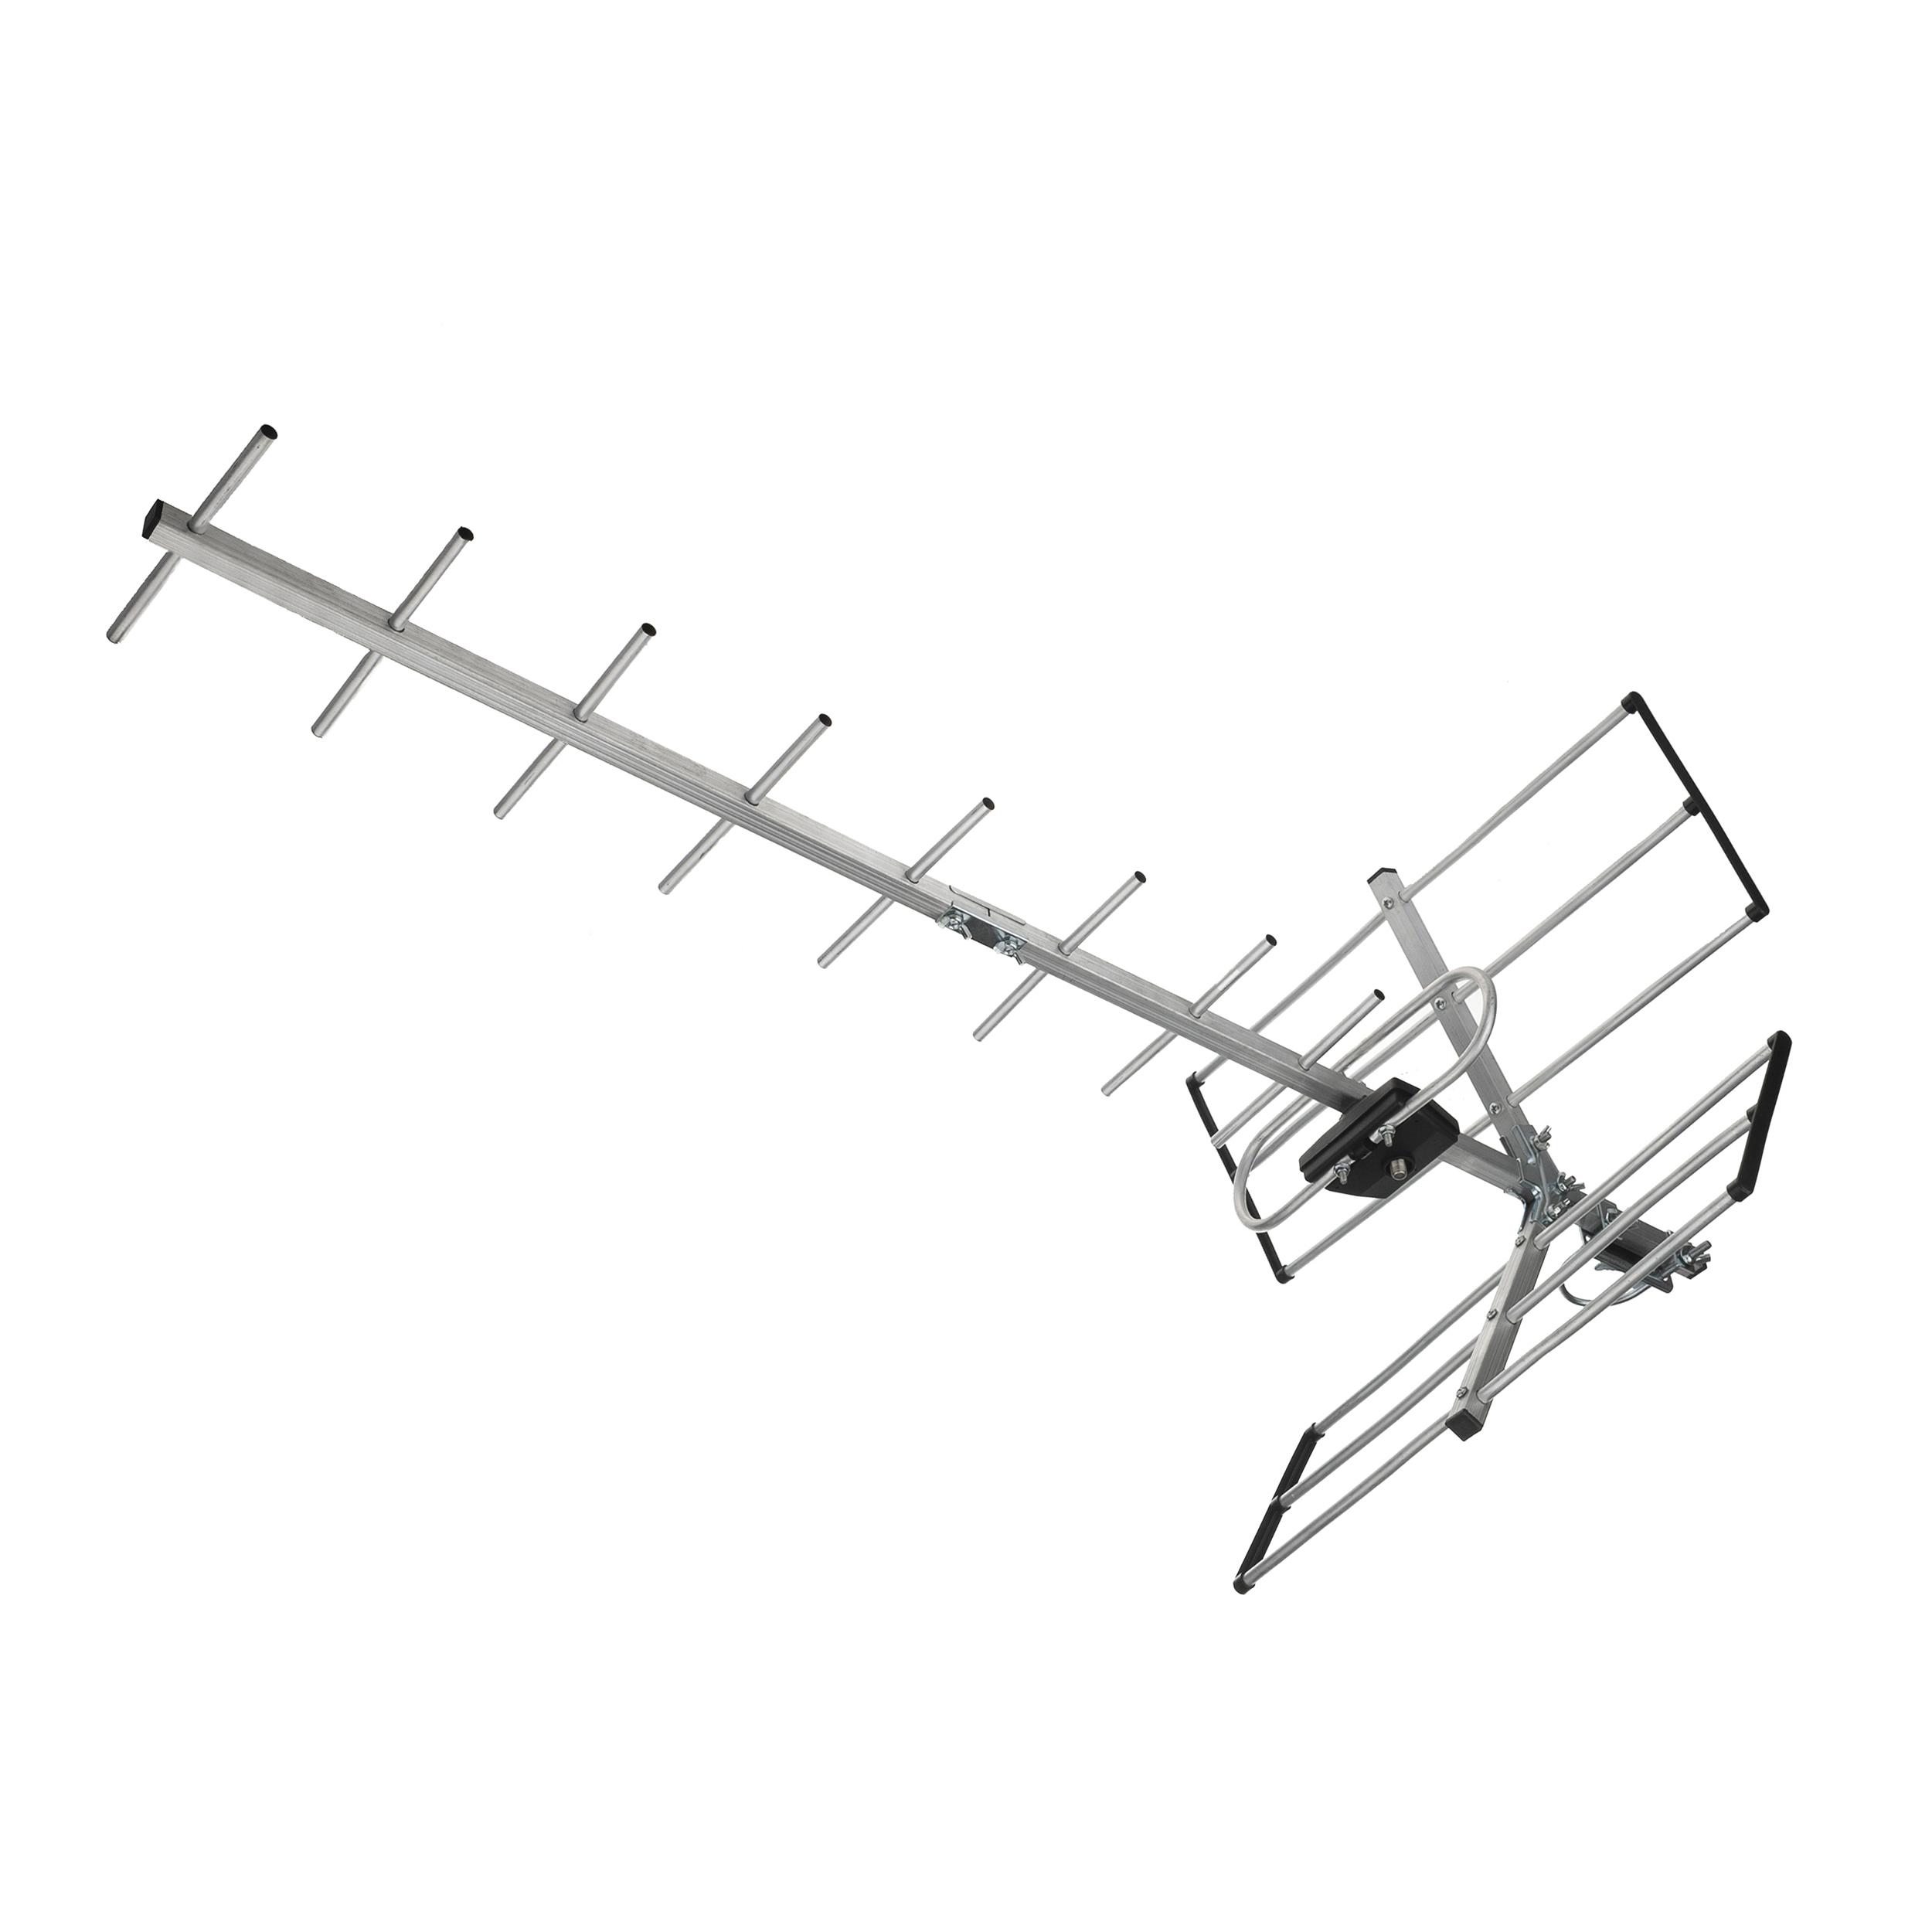 آنتن هوایی زانوگه مدل U101